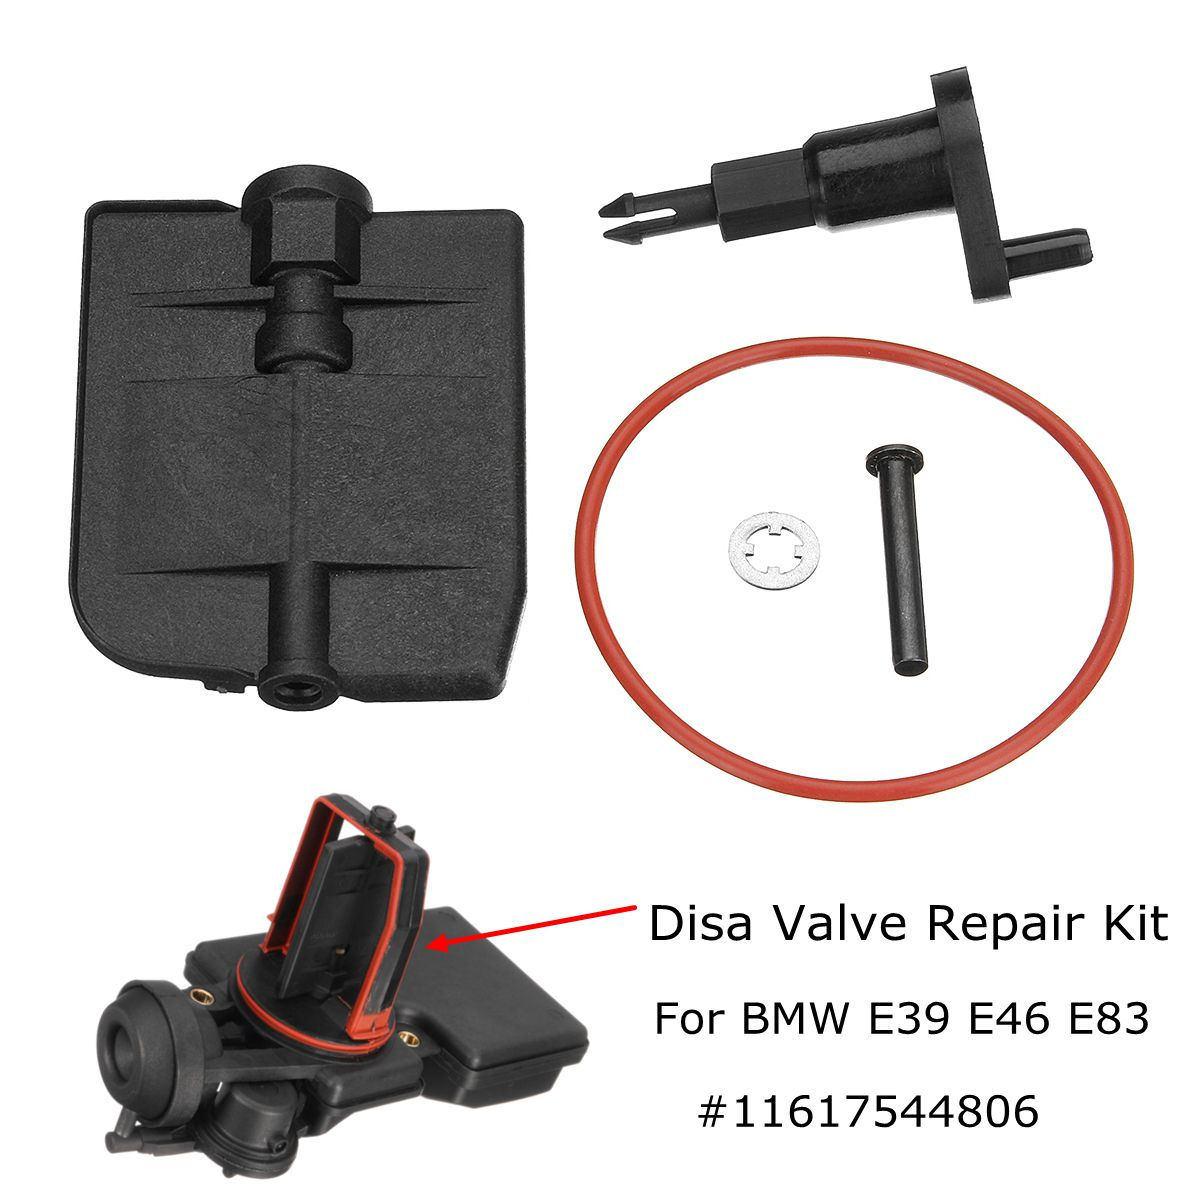 11617544806 Intake Manifold DISA Valve Repair Kit for BMW E39 E46 E83 325i 525i M54 2.5 2001-2006 цена 2017